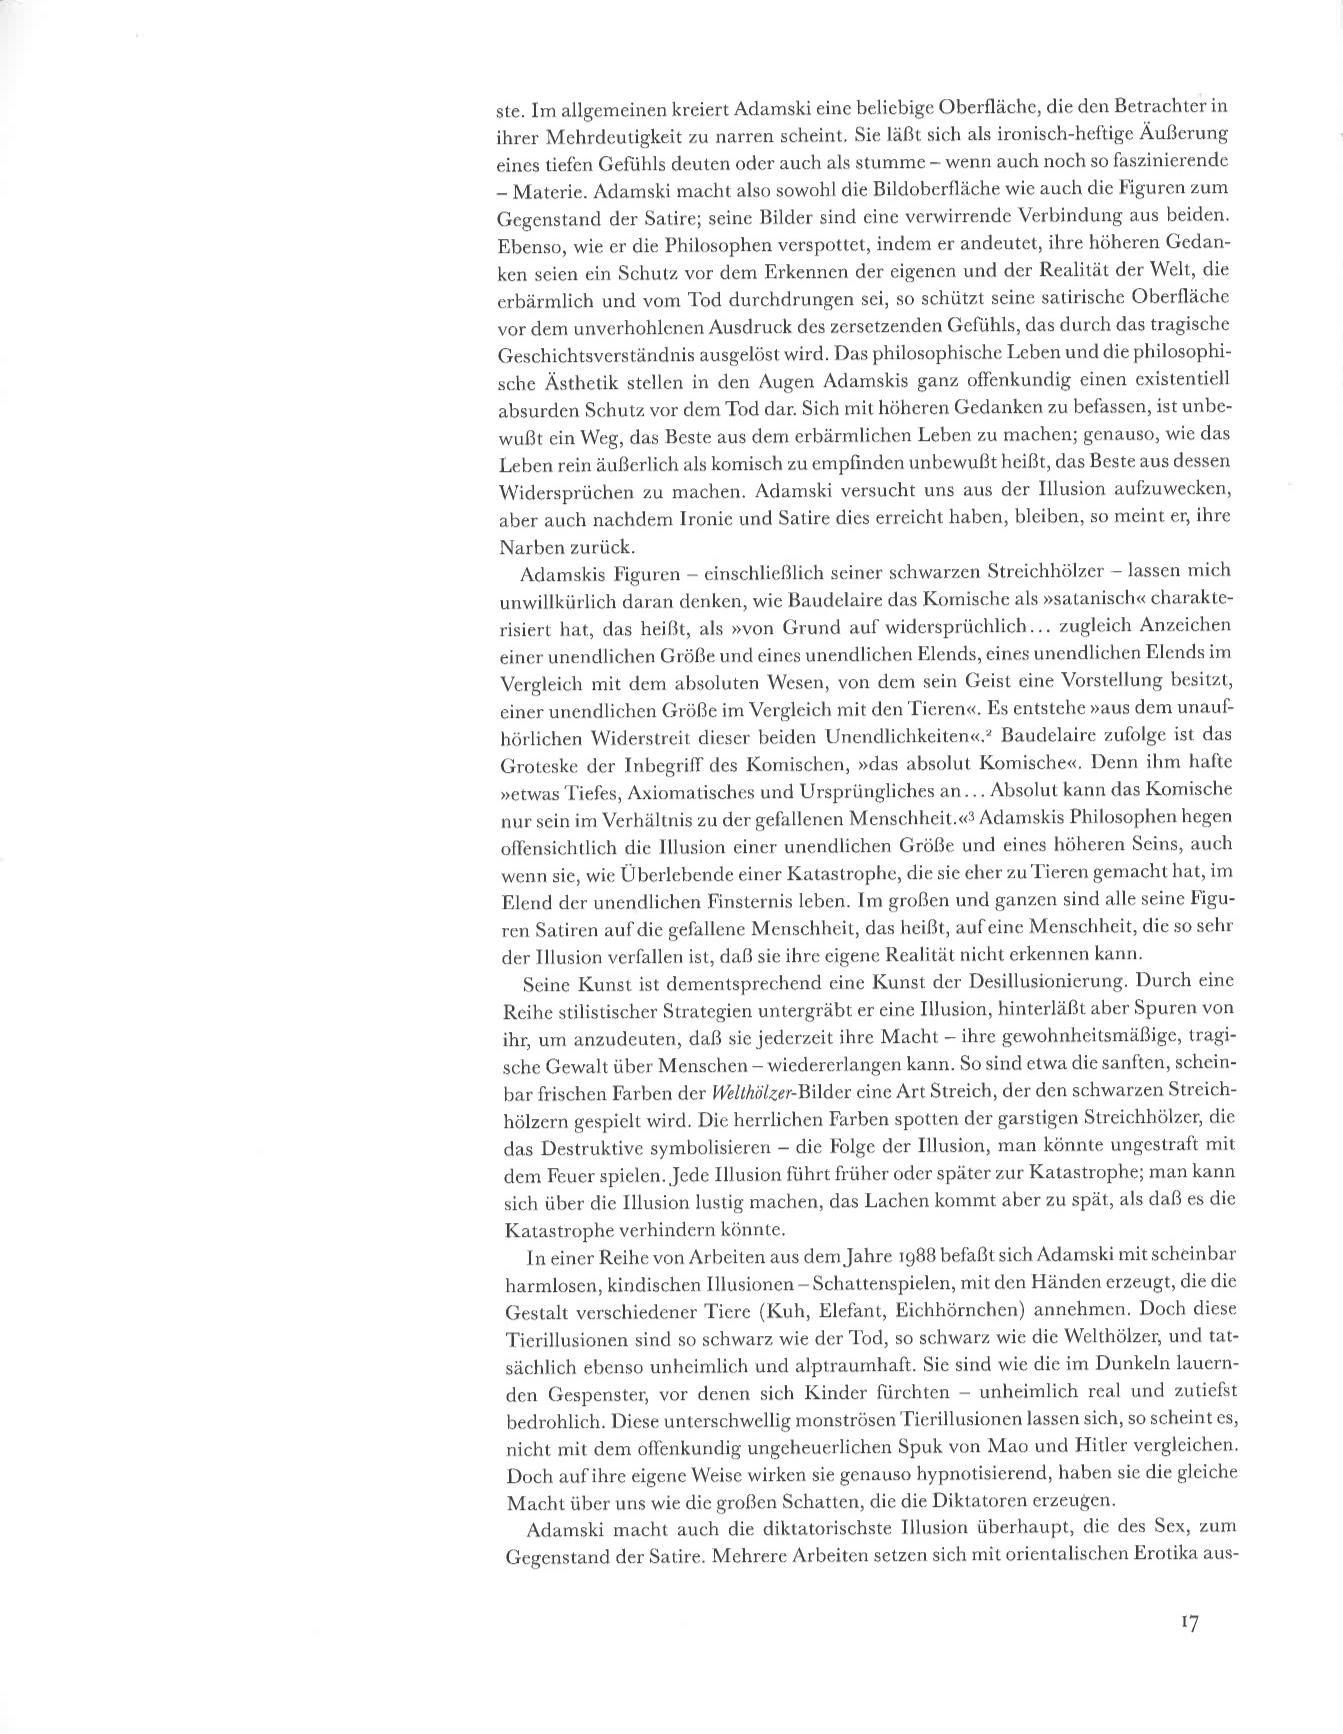 Seite 17.jpg